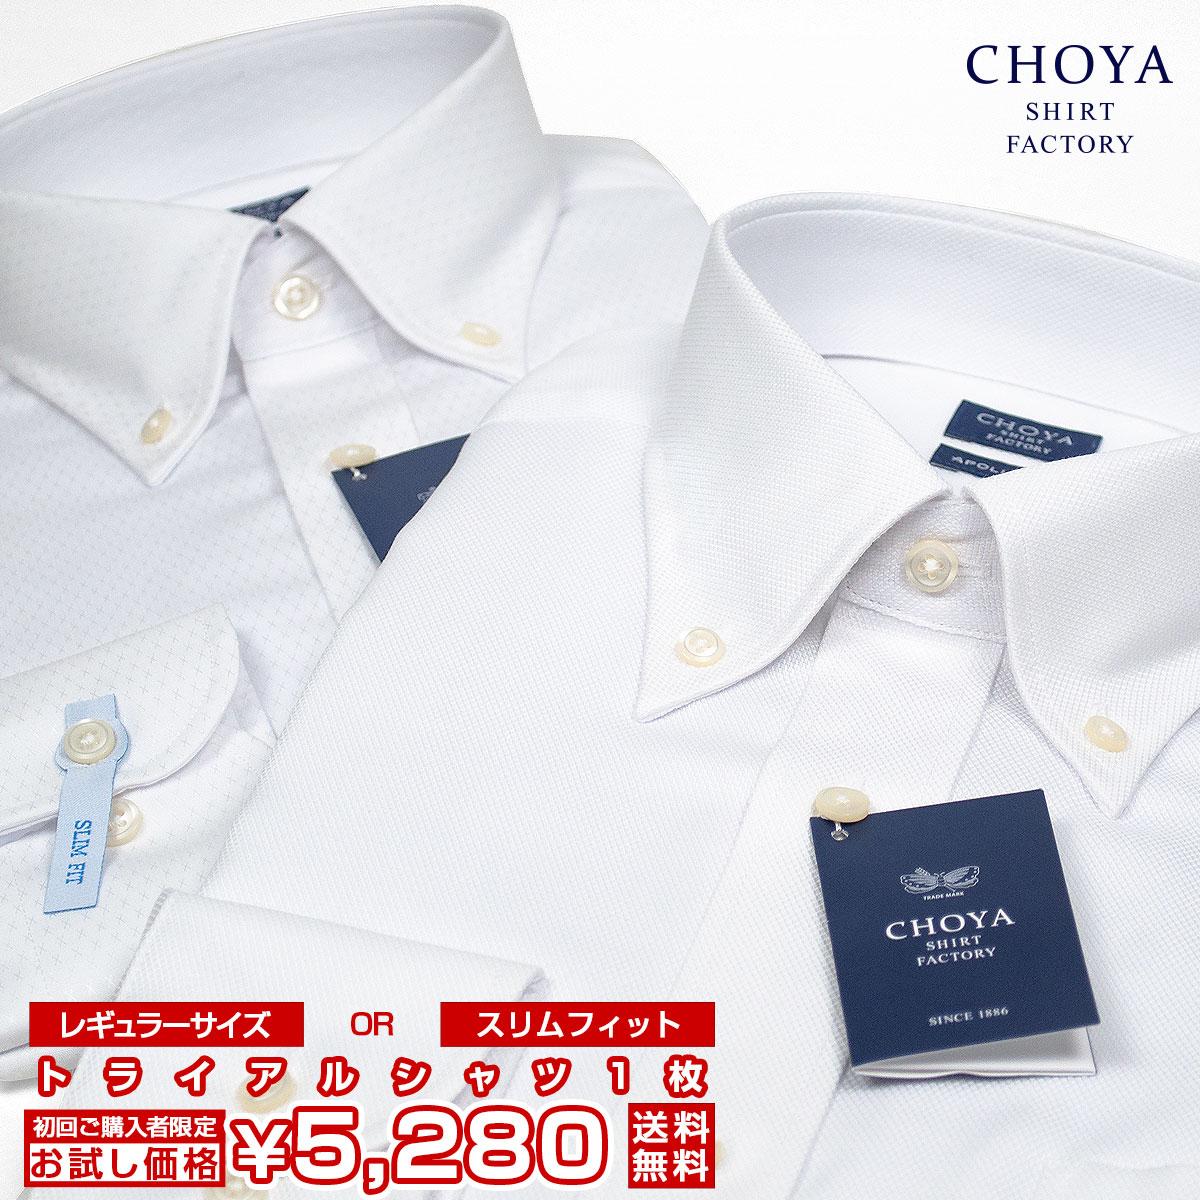 CHOYA SHIRT FACTORY 日清紡アポロコット【初回限定 トライアルシャツ】1枚 長袖 ワイシャツ メンズ 春夏秋冬 形態安定加工 白ドビー ボタンダウンシャツ|綿:100% ホワイト(cfd-trial) 2/26から新しい柄になりました。